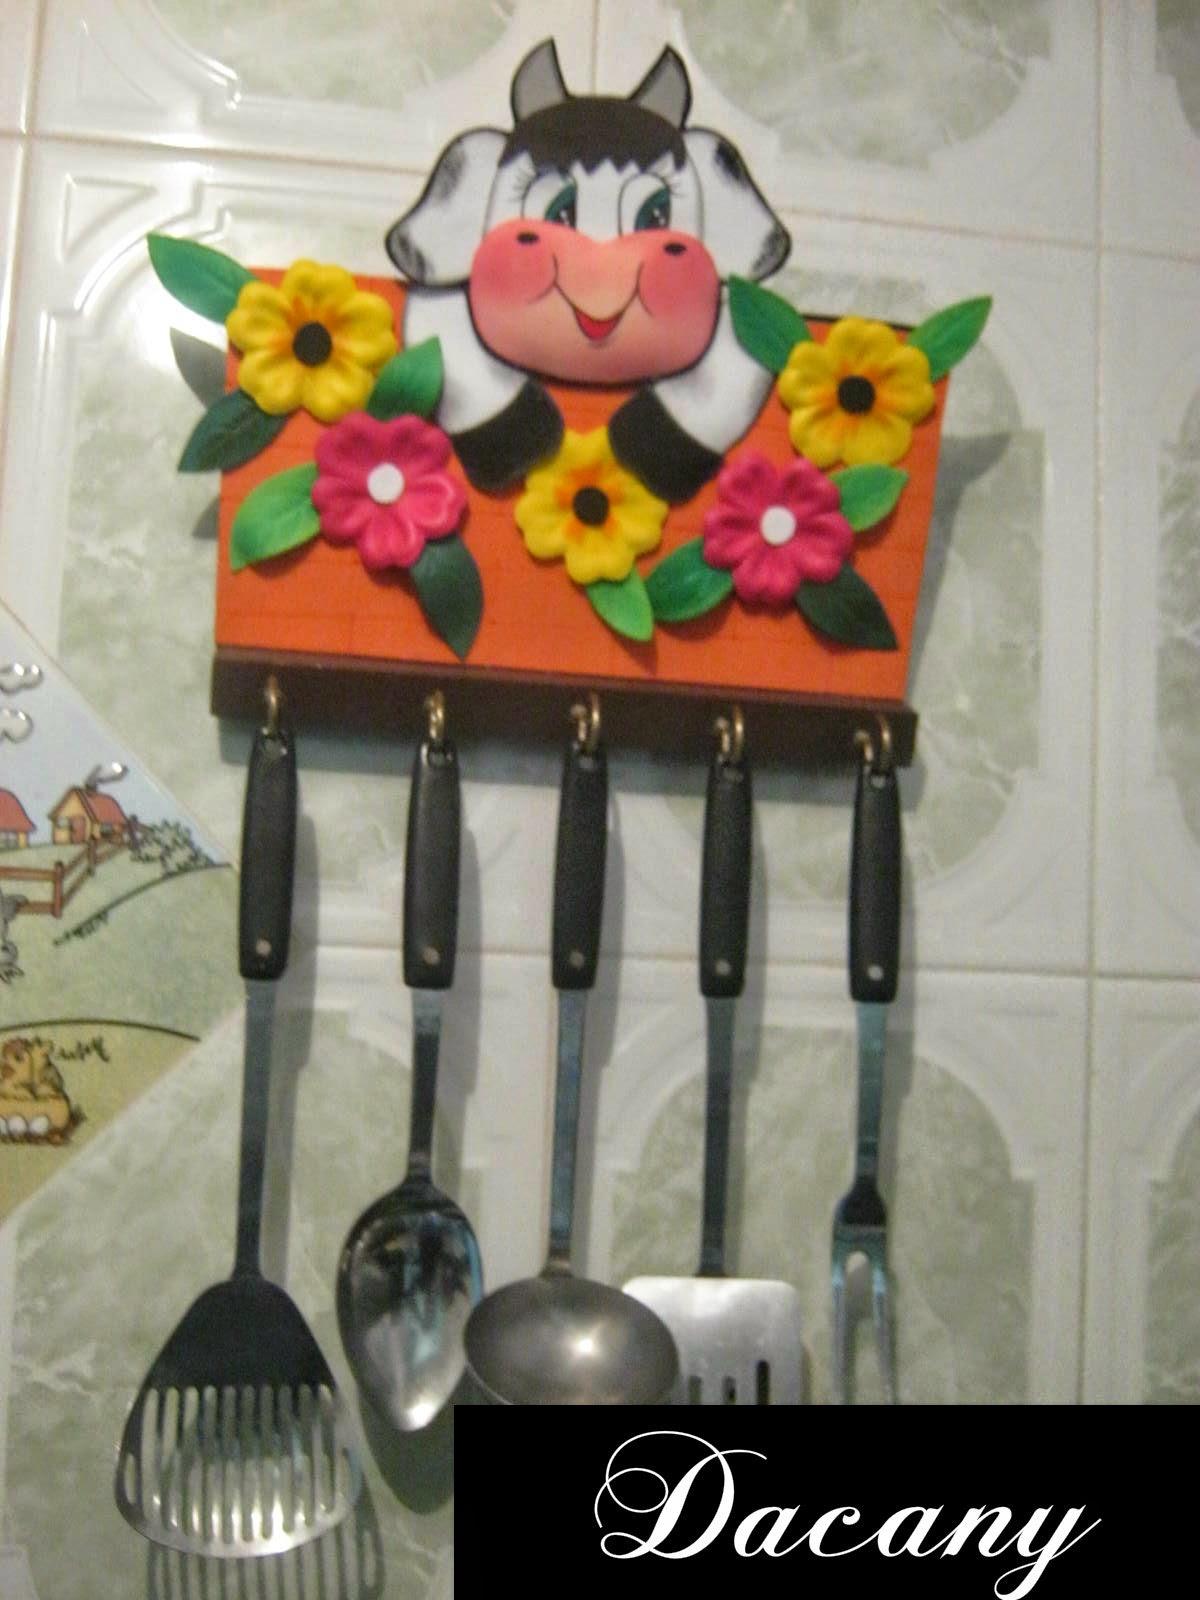 Dacany Decoraciones Para La Cocina En Foami